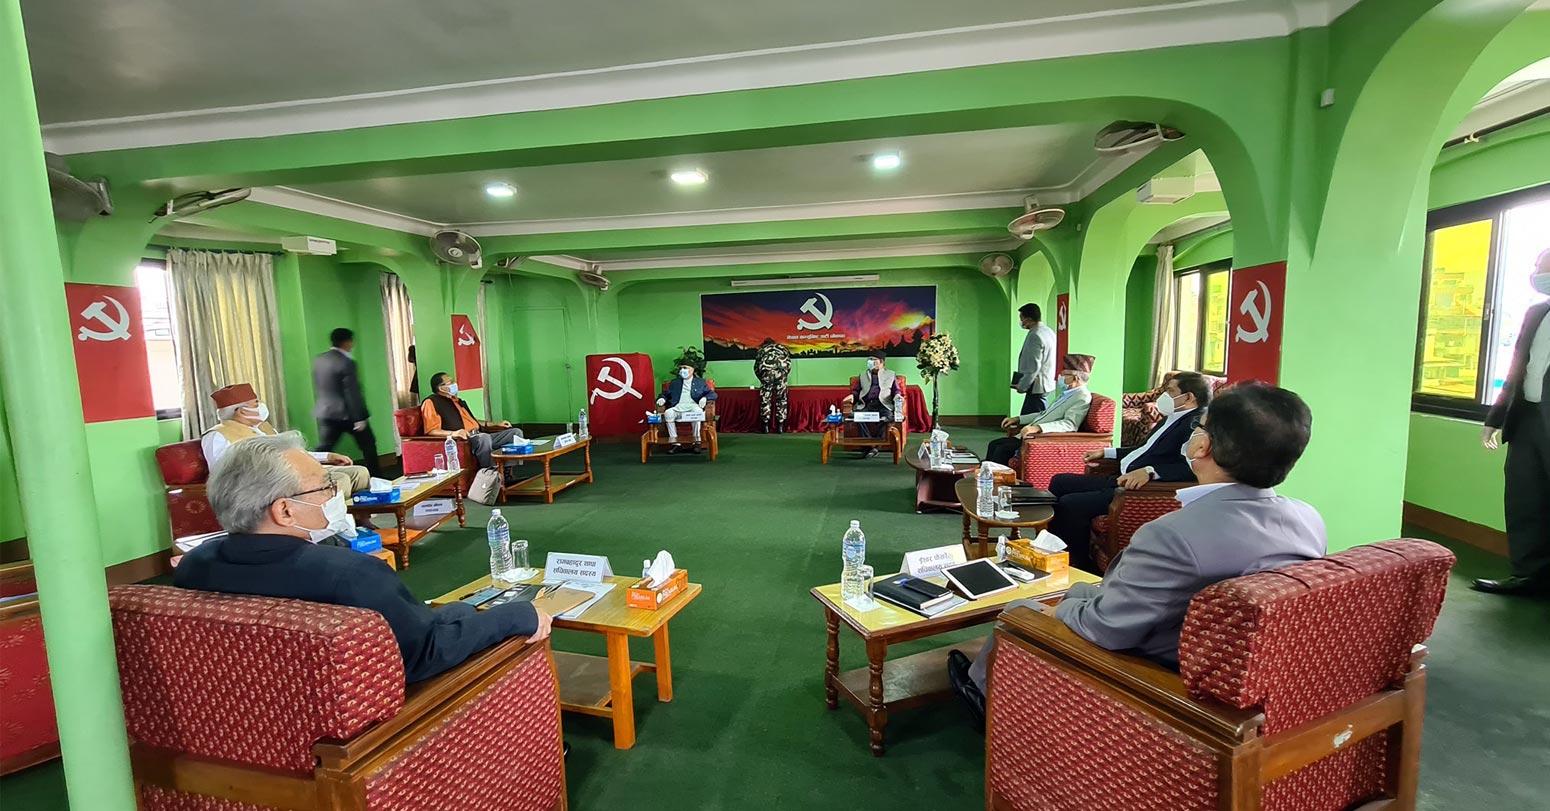 नेकपा सचिवालय बैठक सकियो, मन्त्रिपरिषद् पुनर्गठनको मापदण्डमा छलफल